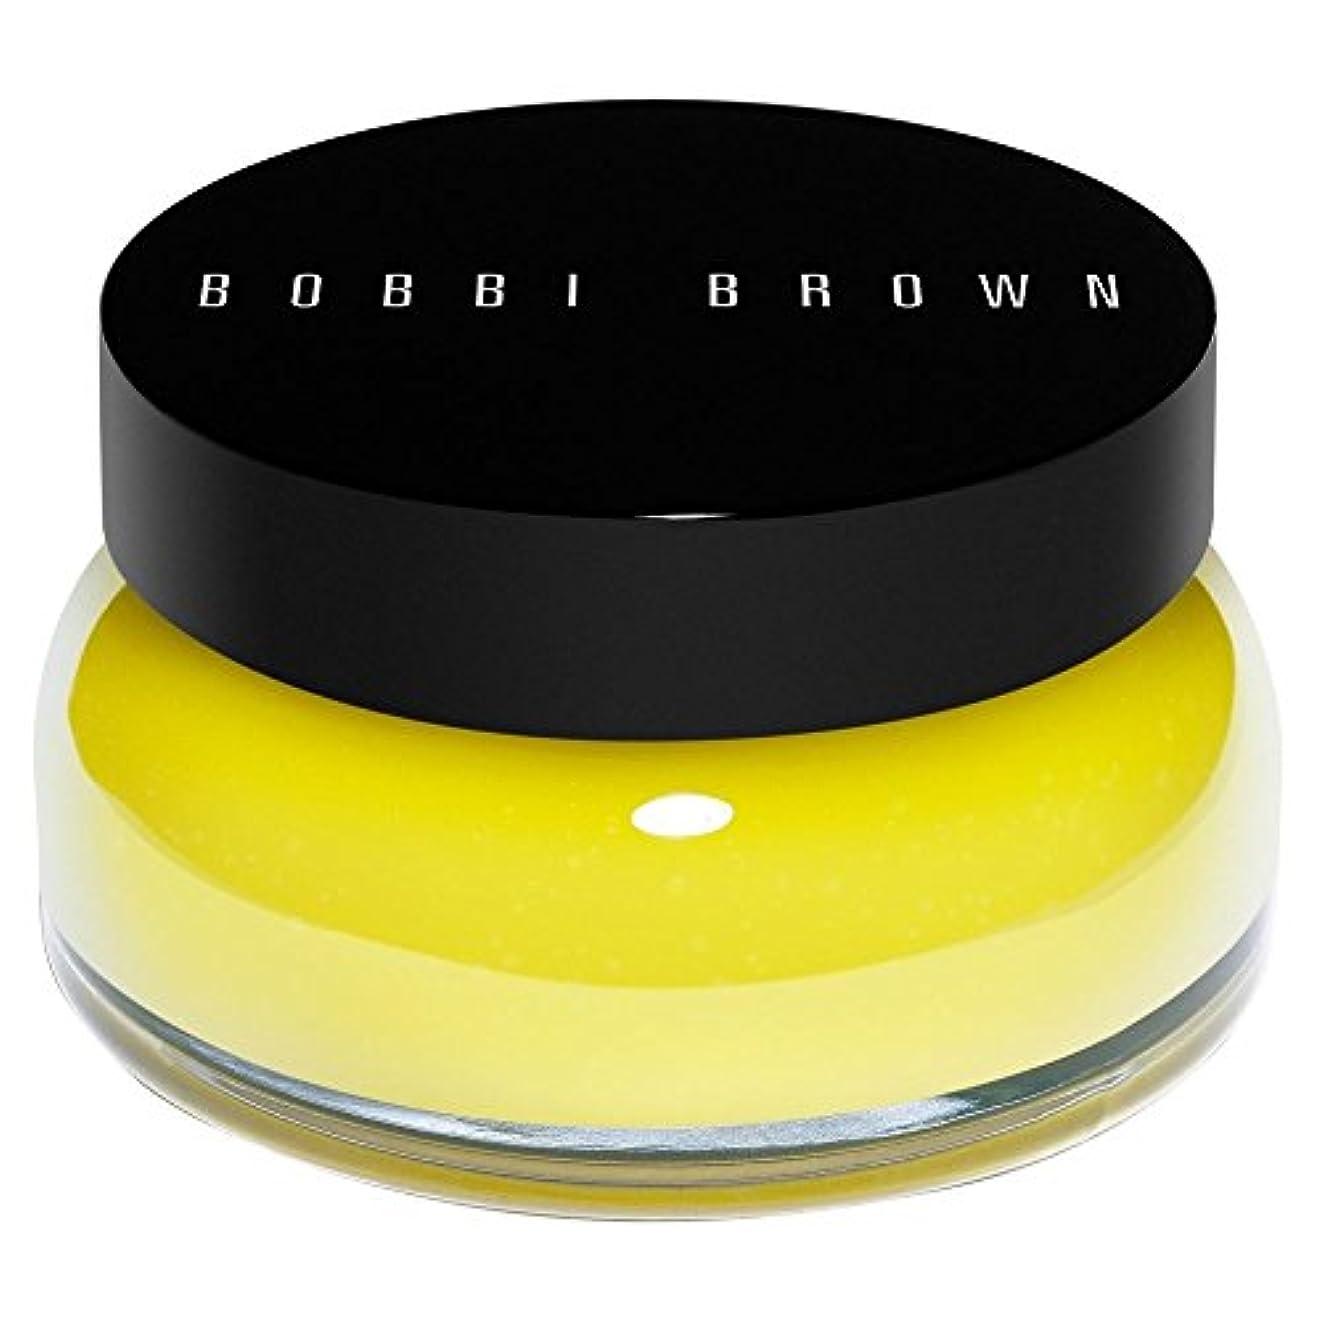 始まりメタン平和な[Bobbi Brown] ボビーブラウンエクストラバームリンス - Bobbi Brown Extra Balm Rinse [並行輸入品]